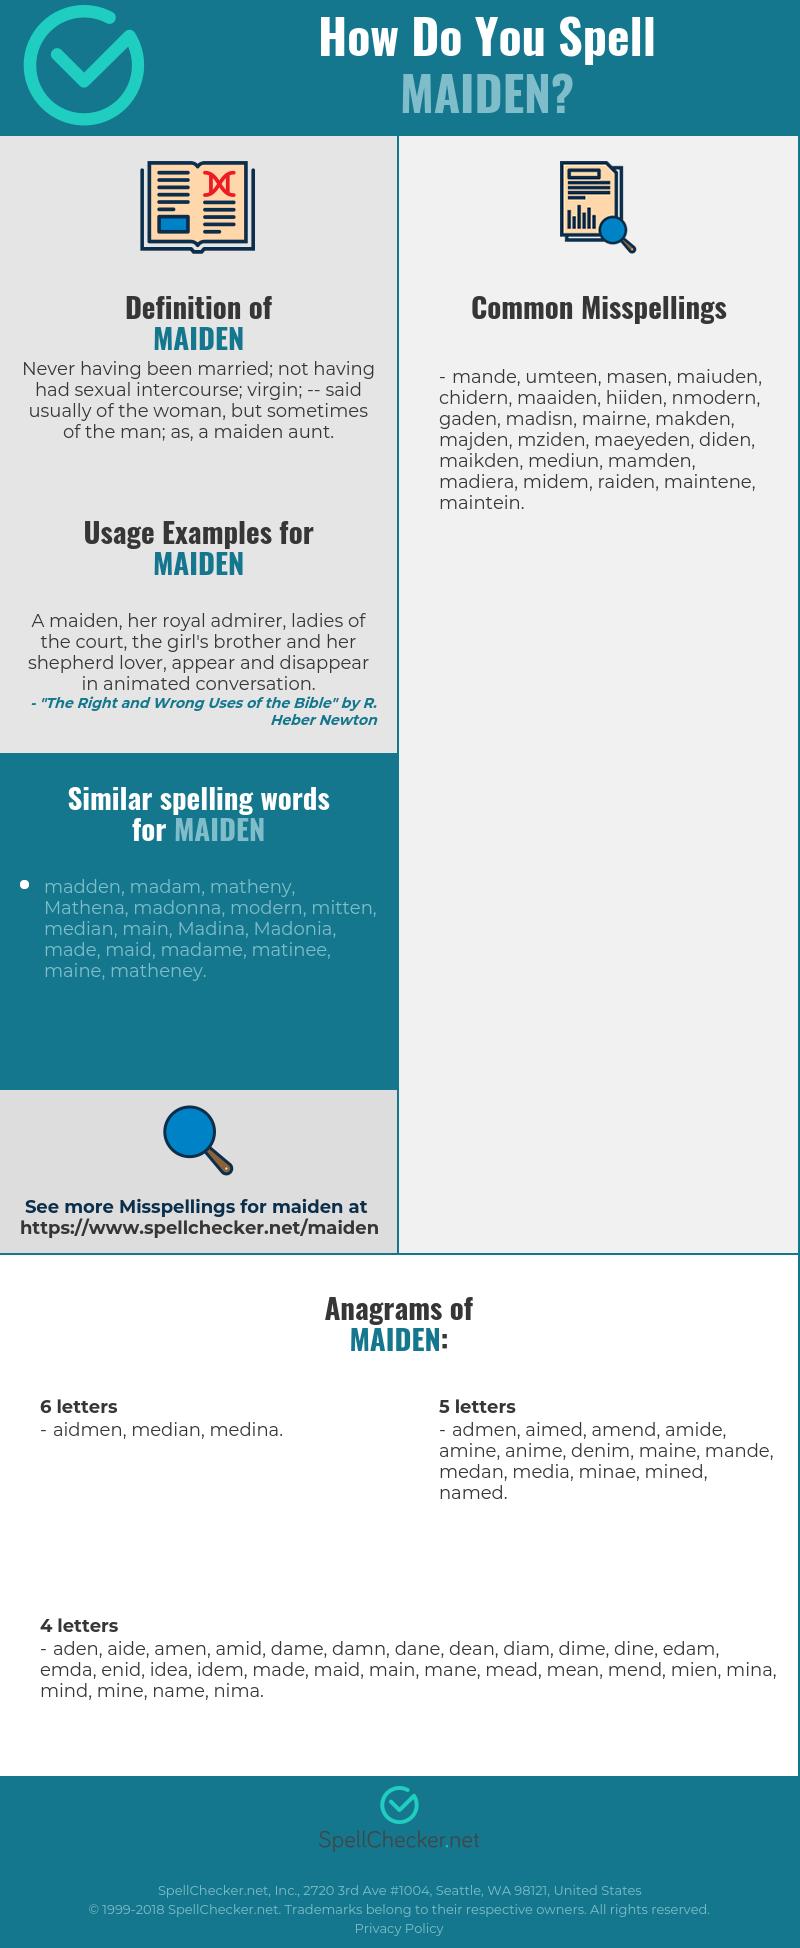 Correct spelling for maiden [Infographic] | Spellchecker net